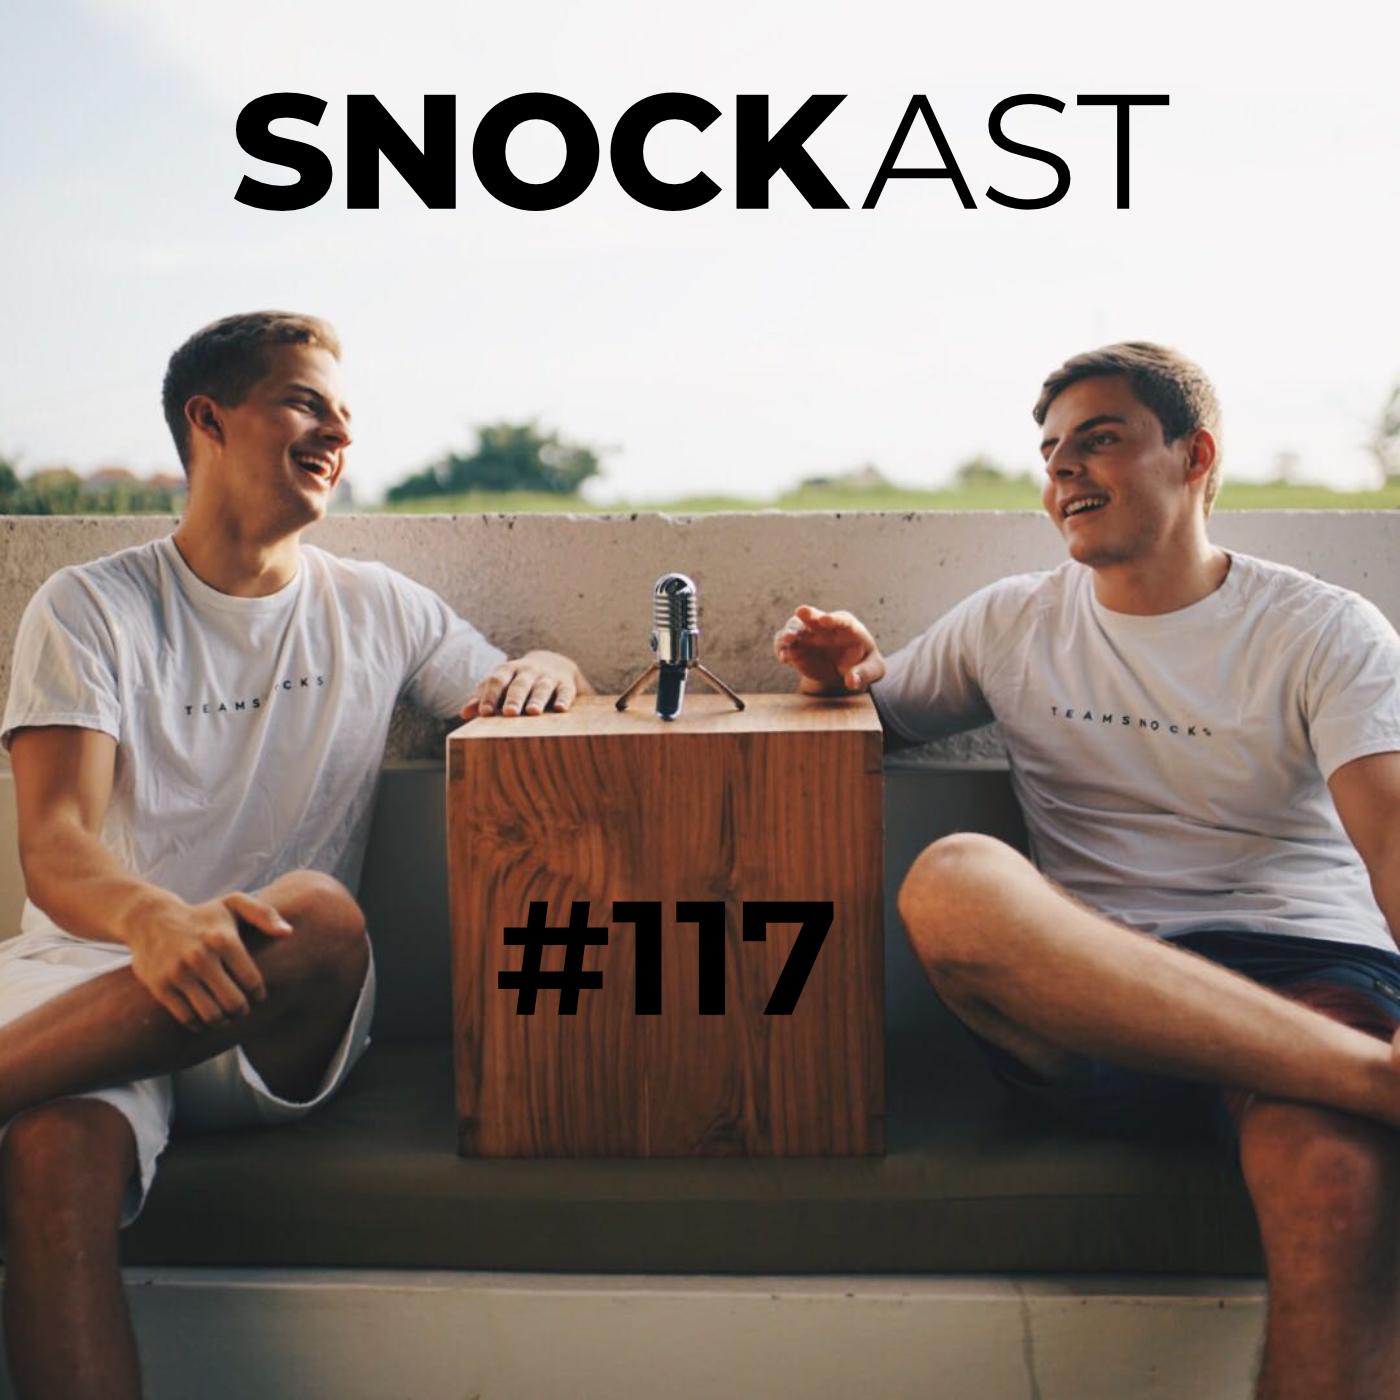 #117 – #aboutsnocks – Nachhaltigkeit in der Modebranche, eine Herausforderung?